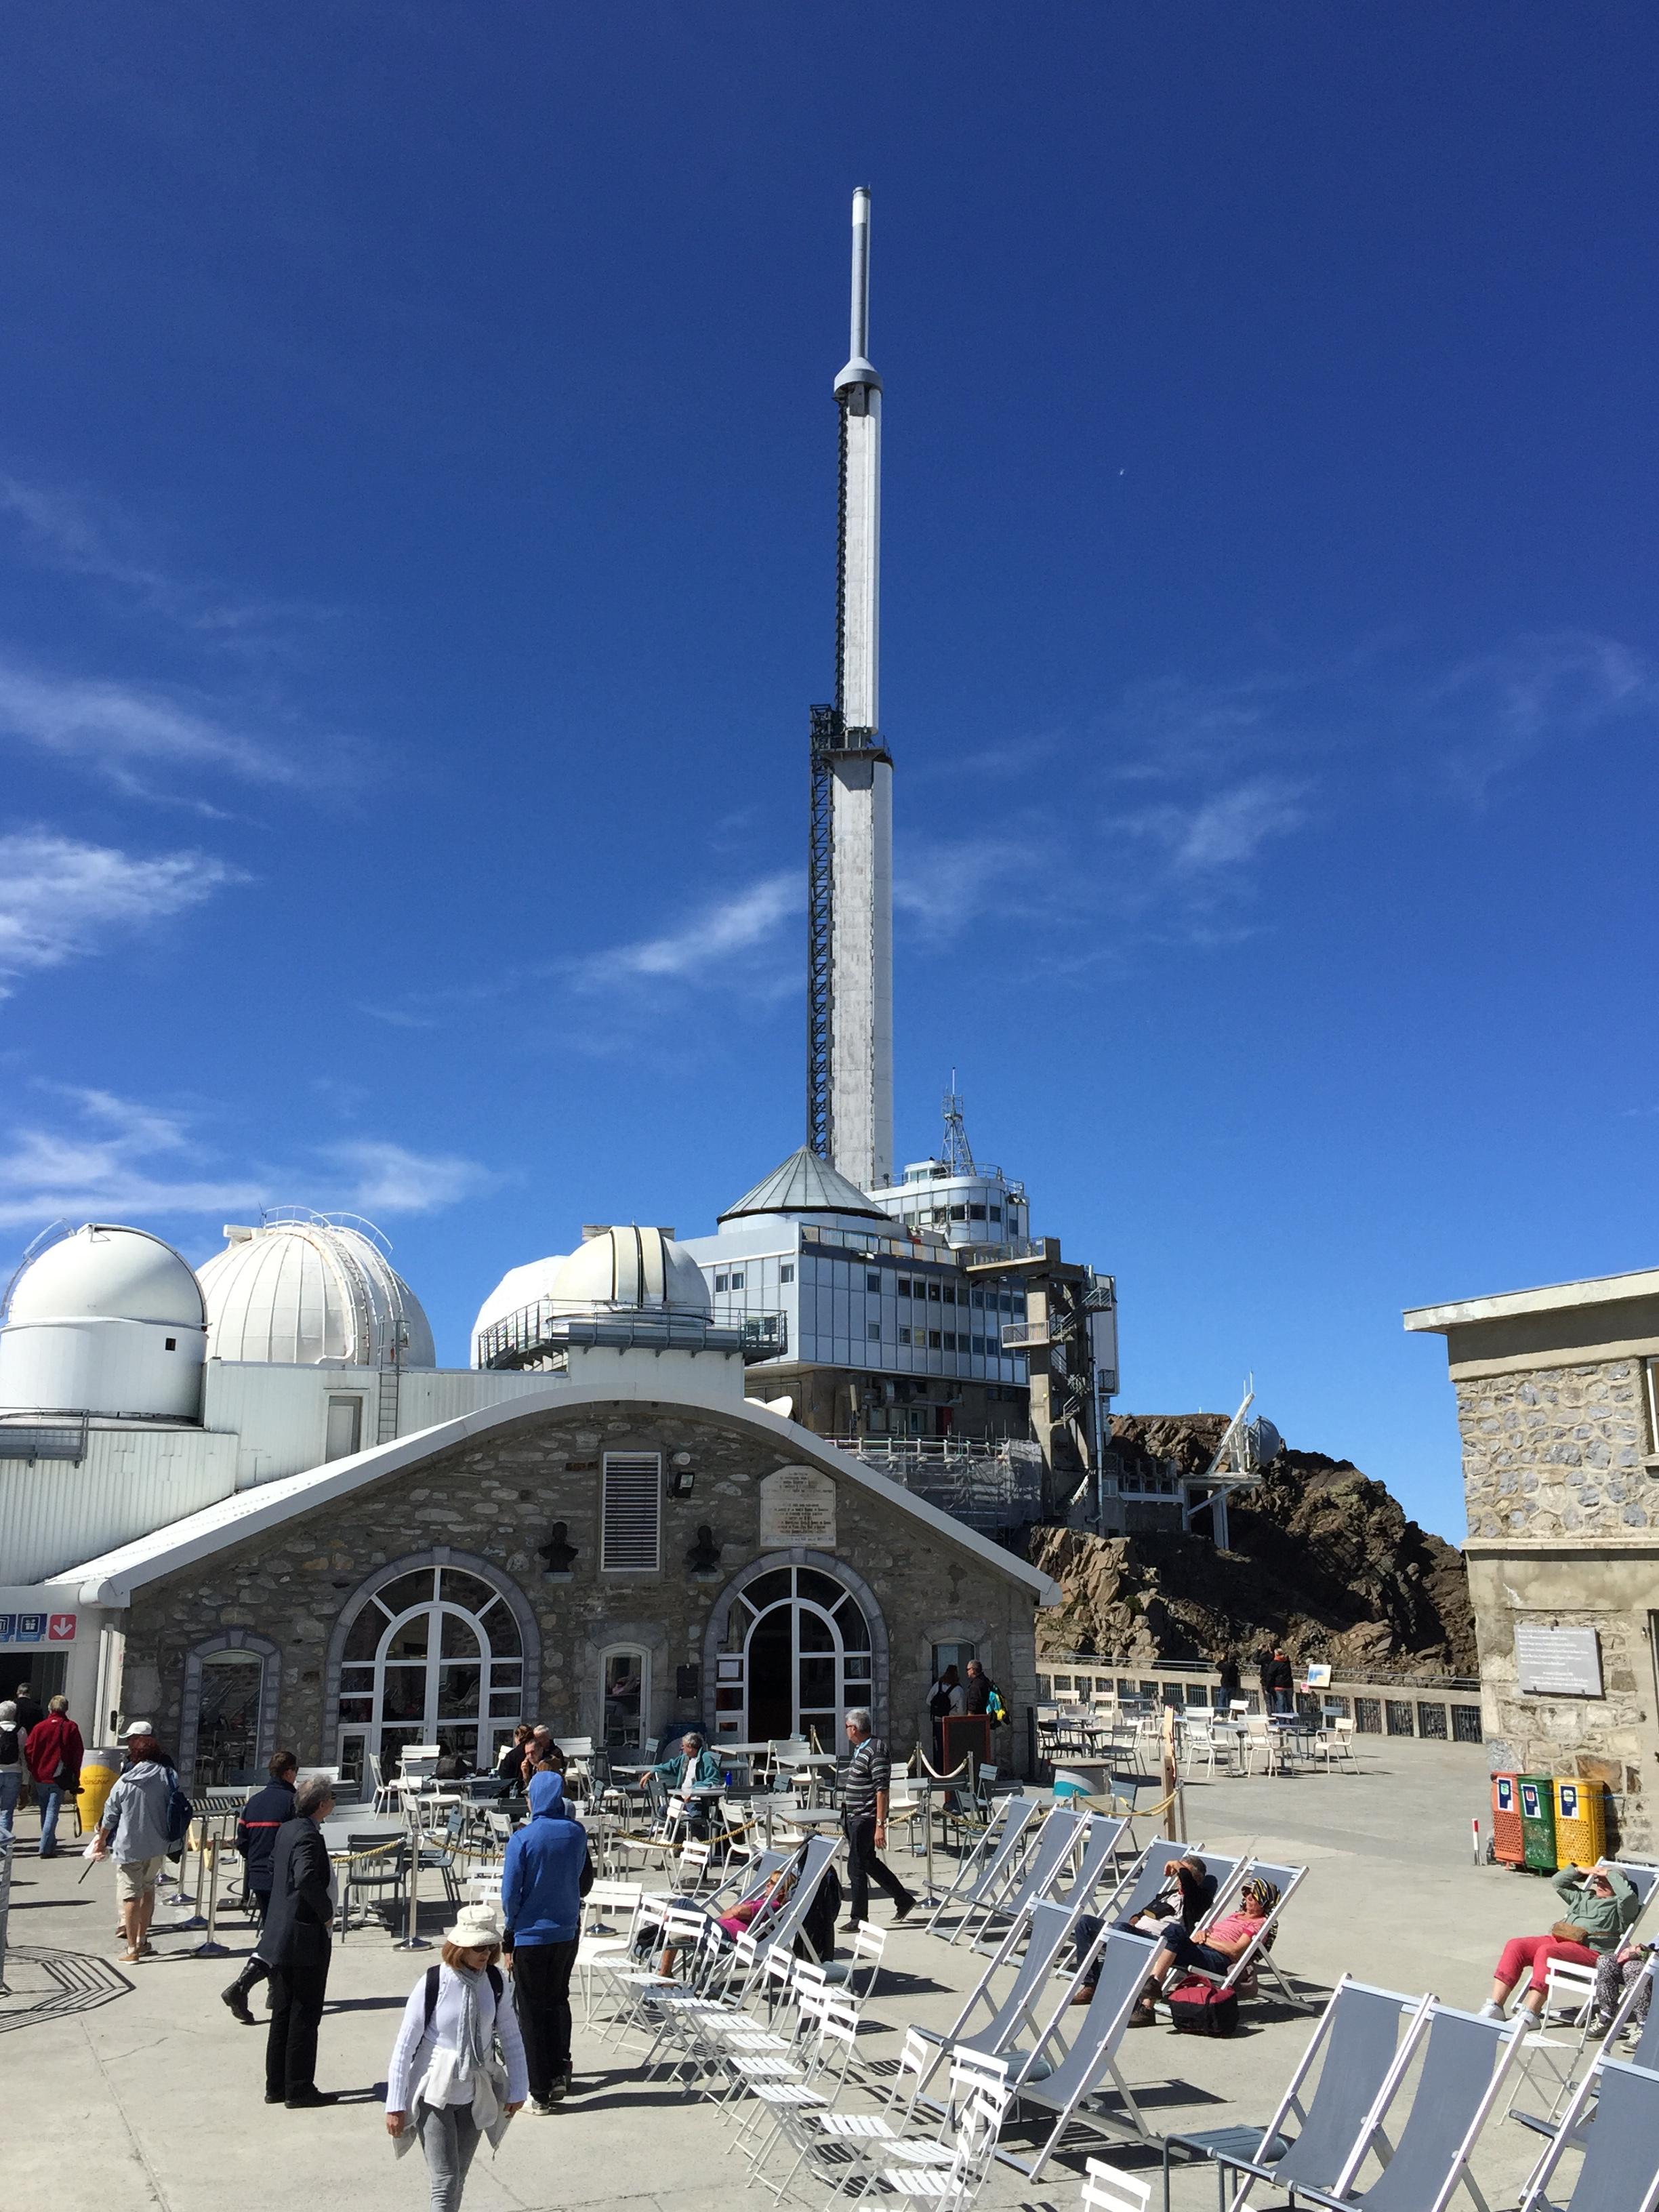 ピック・デュ・ミディ天文台 Observatory on the pic